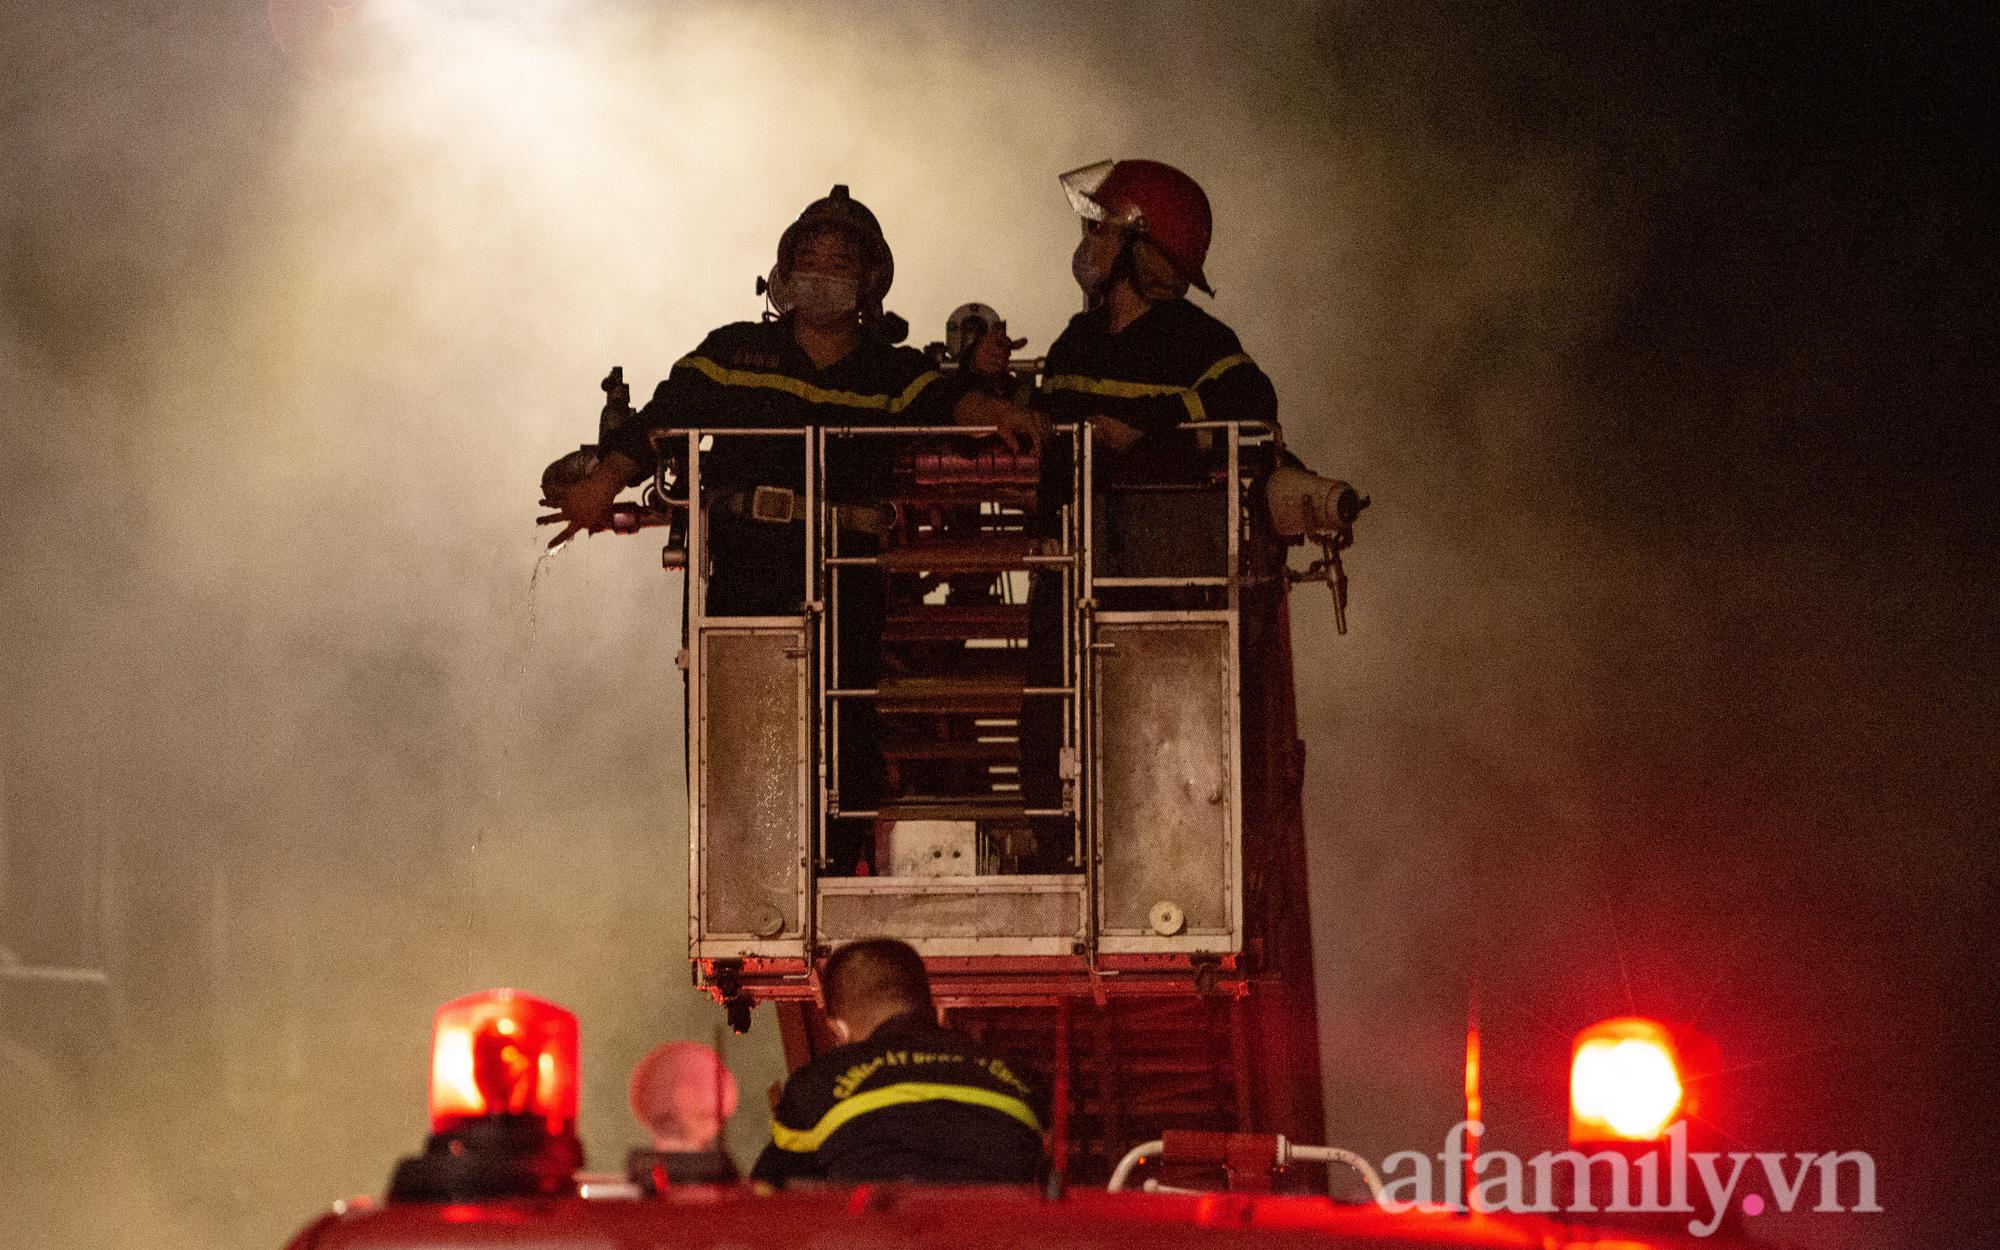 CẬN CẢNH: Trắng đêm chữa cháy shop quần áo trẻ em trong khu biệt thự liền kề ở Ninh Hiệp